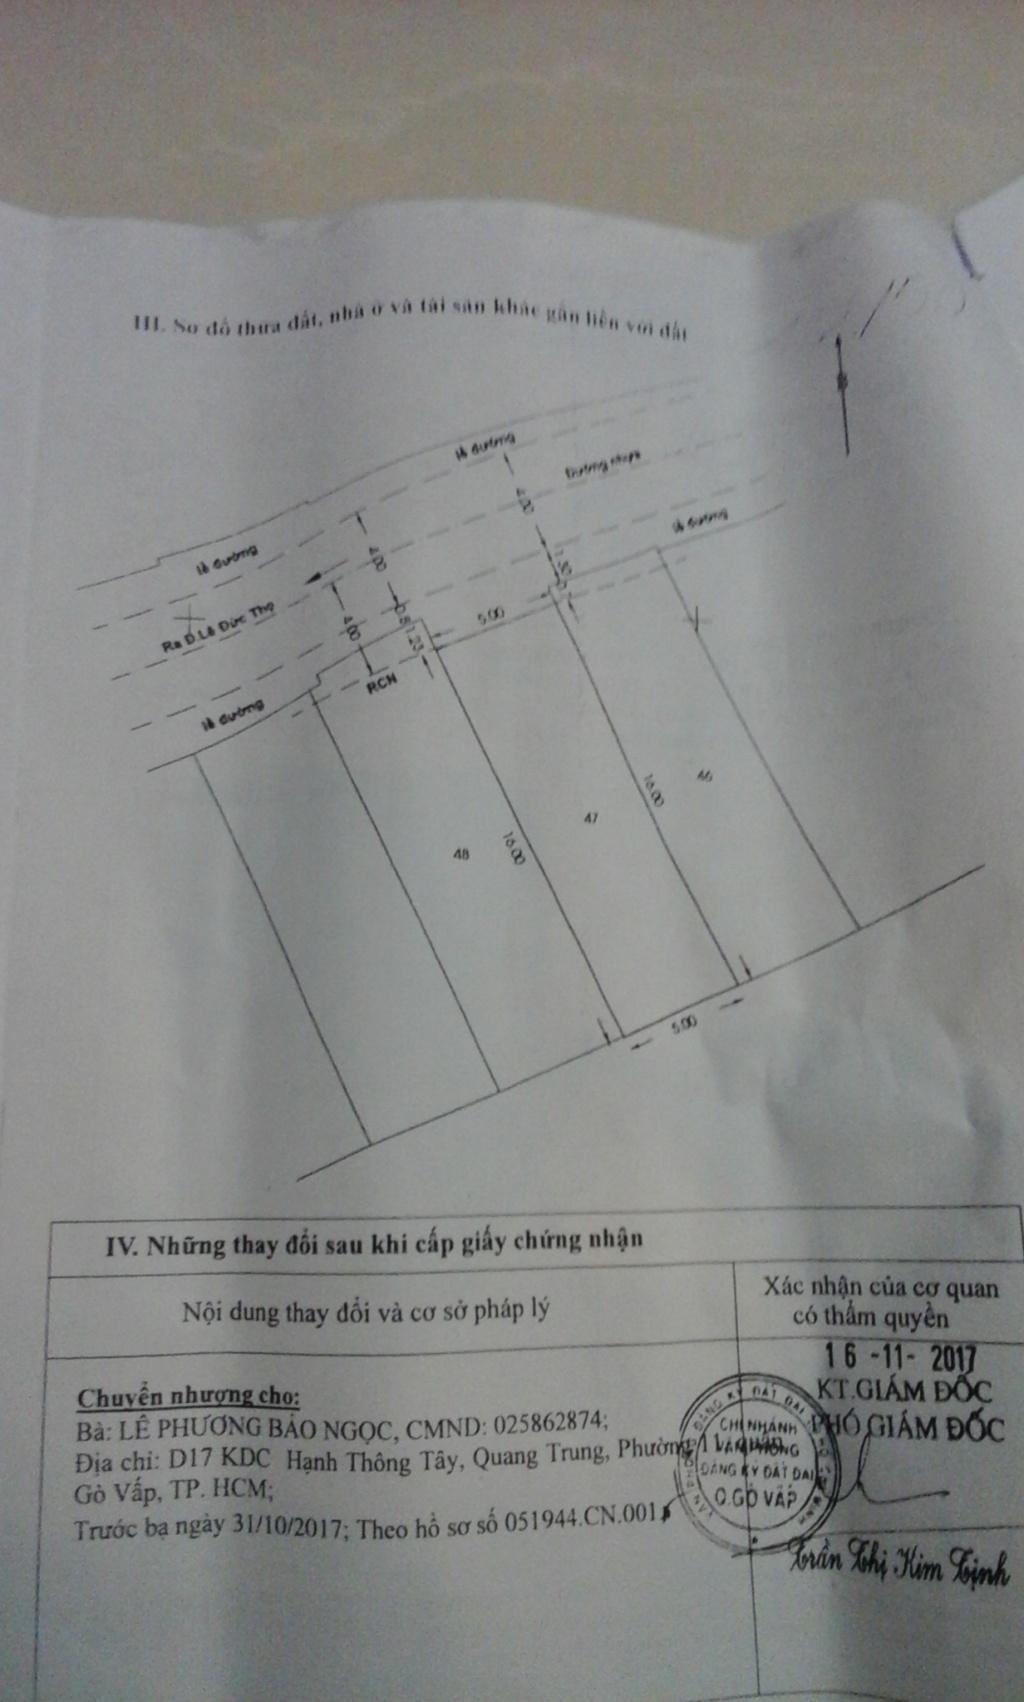 Bán nhà nguyên căn vuông vắn, đẹp, HXH 7m C. Lan 01228693699, 143/2/44 Phạm Huy Thông, P6, Gò Vấp 20180712